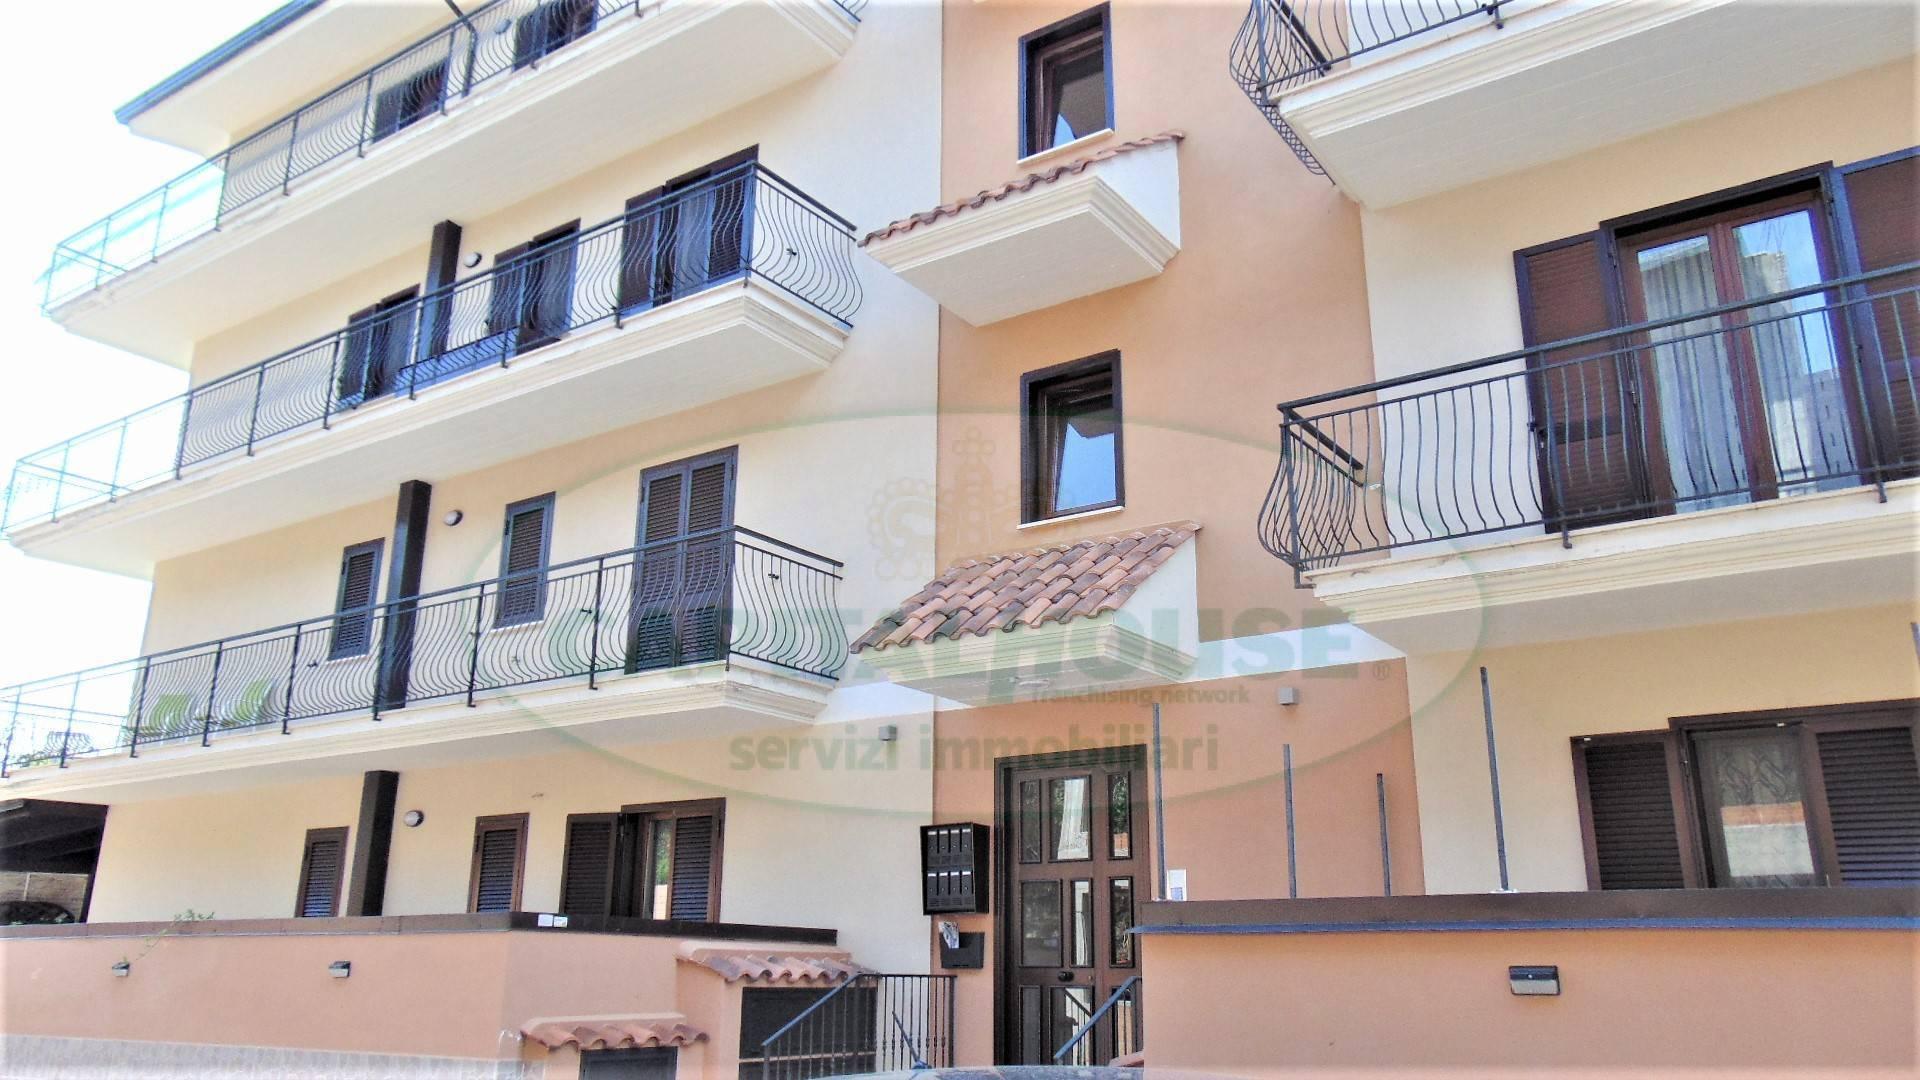 Appartamento in vendita a Mugnano del Cardinale, 3 locali, prezzo € 155.000 | CambioCasa.it